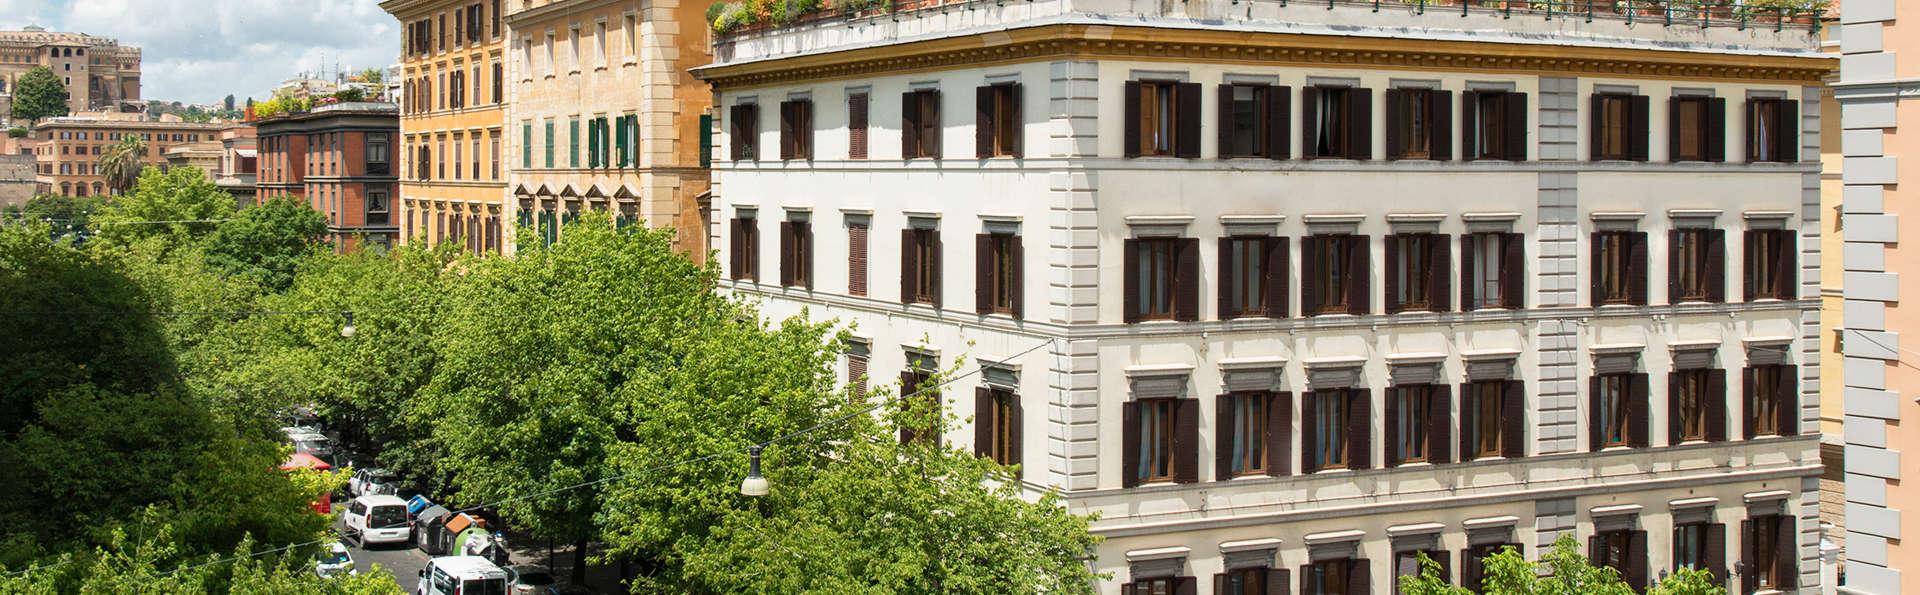 Hotel Atlante Garden - edit_facade.jpg